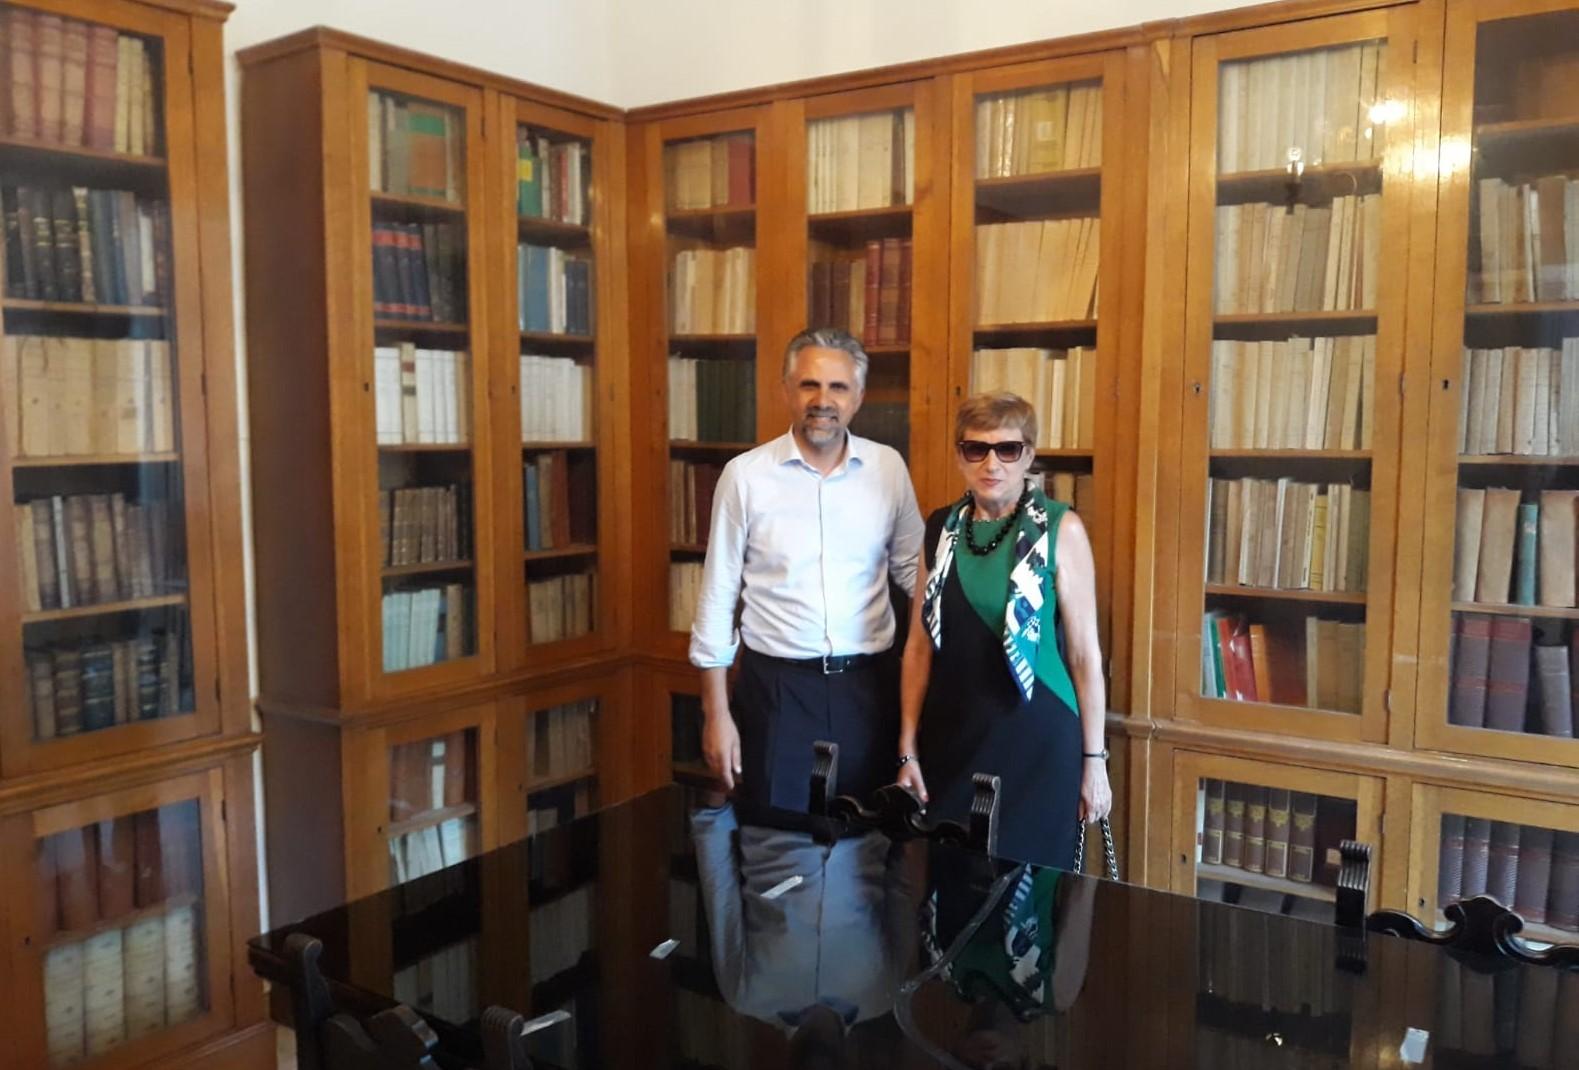 Modica, la libreria dell'avvocato Ammatuna aperta al pubblico al Palacultura